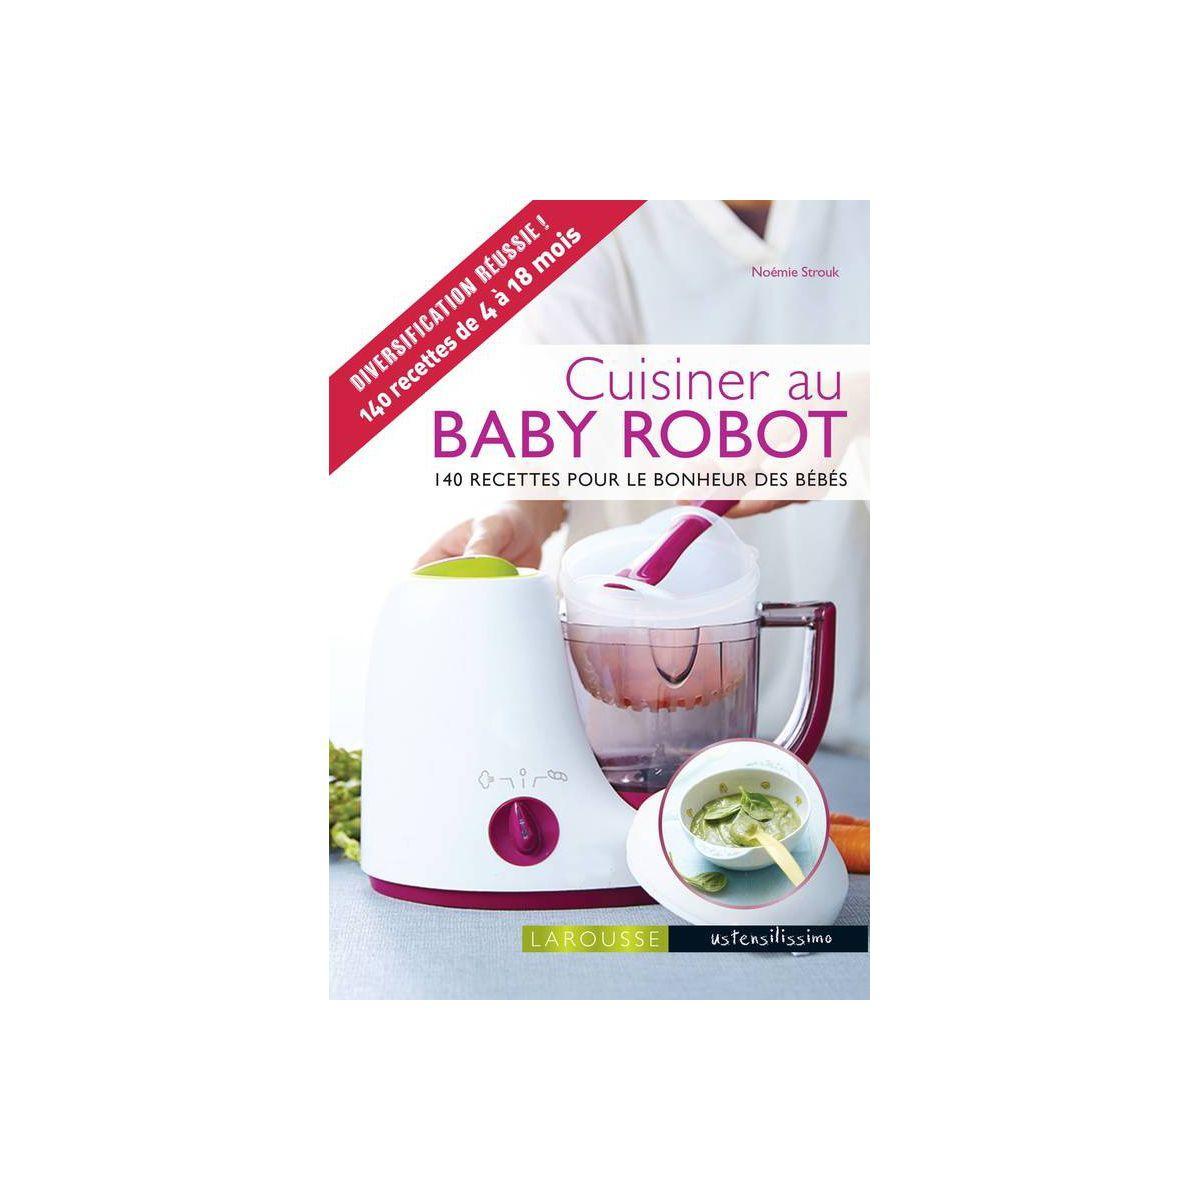 livre larousse cuisiner au baby robot 10 de remise imm diate avec le code brade10 r f. Black Bedroom Furniture Sets. Home Design Ideas